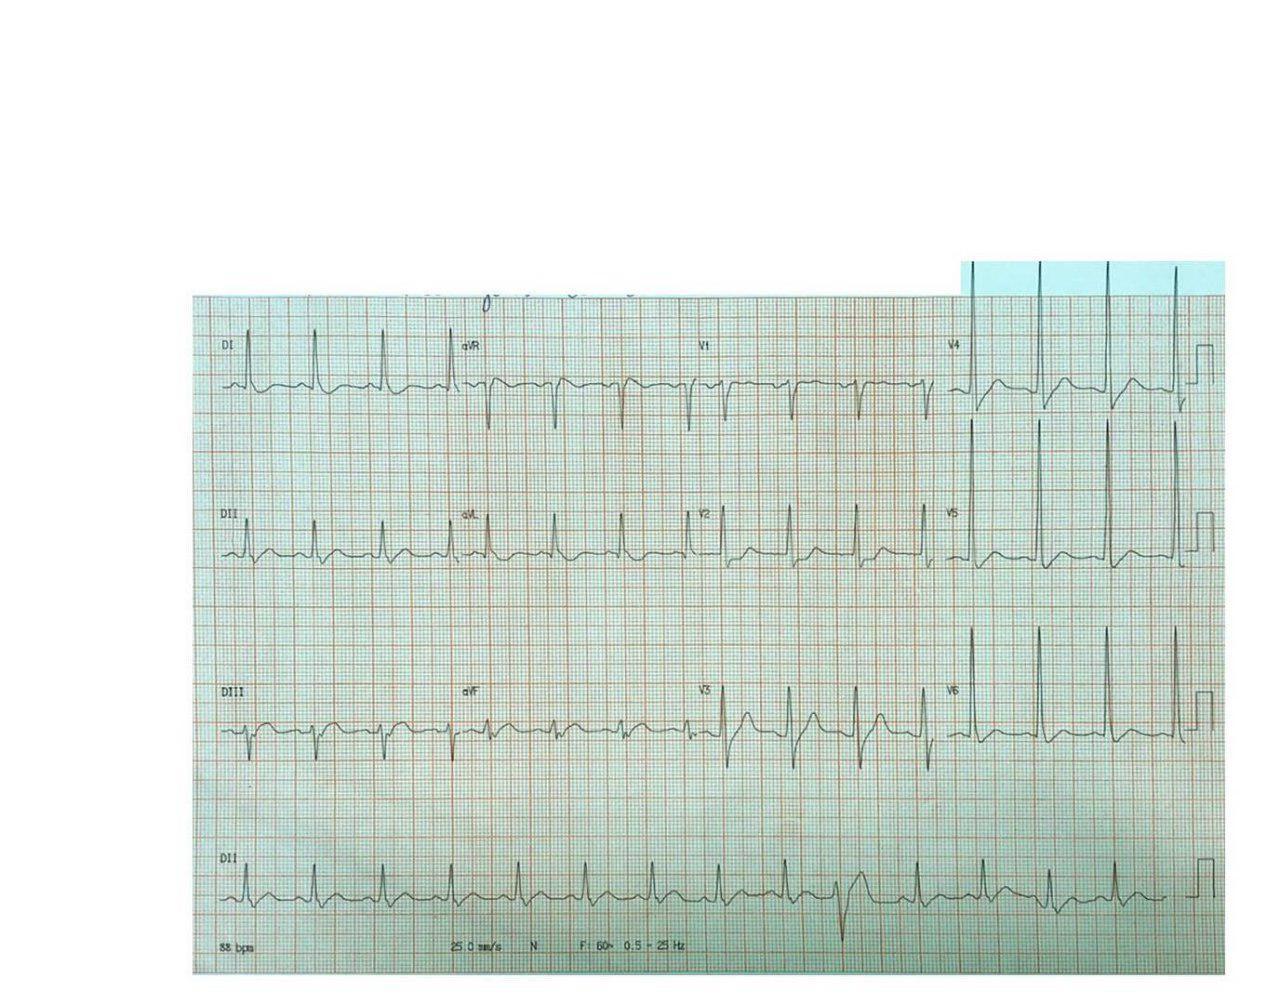 Paciente hipertenso con dolor intenso en región dorsal que presenta IAM lateral (ex dorsal) por oclusión total de Cx, con aortograma normal que descarta la disección sospechada